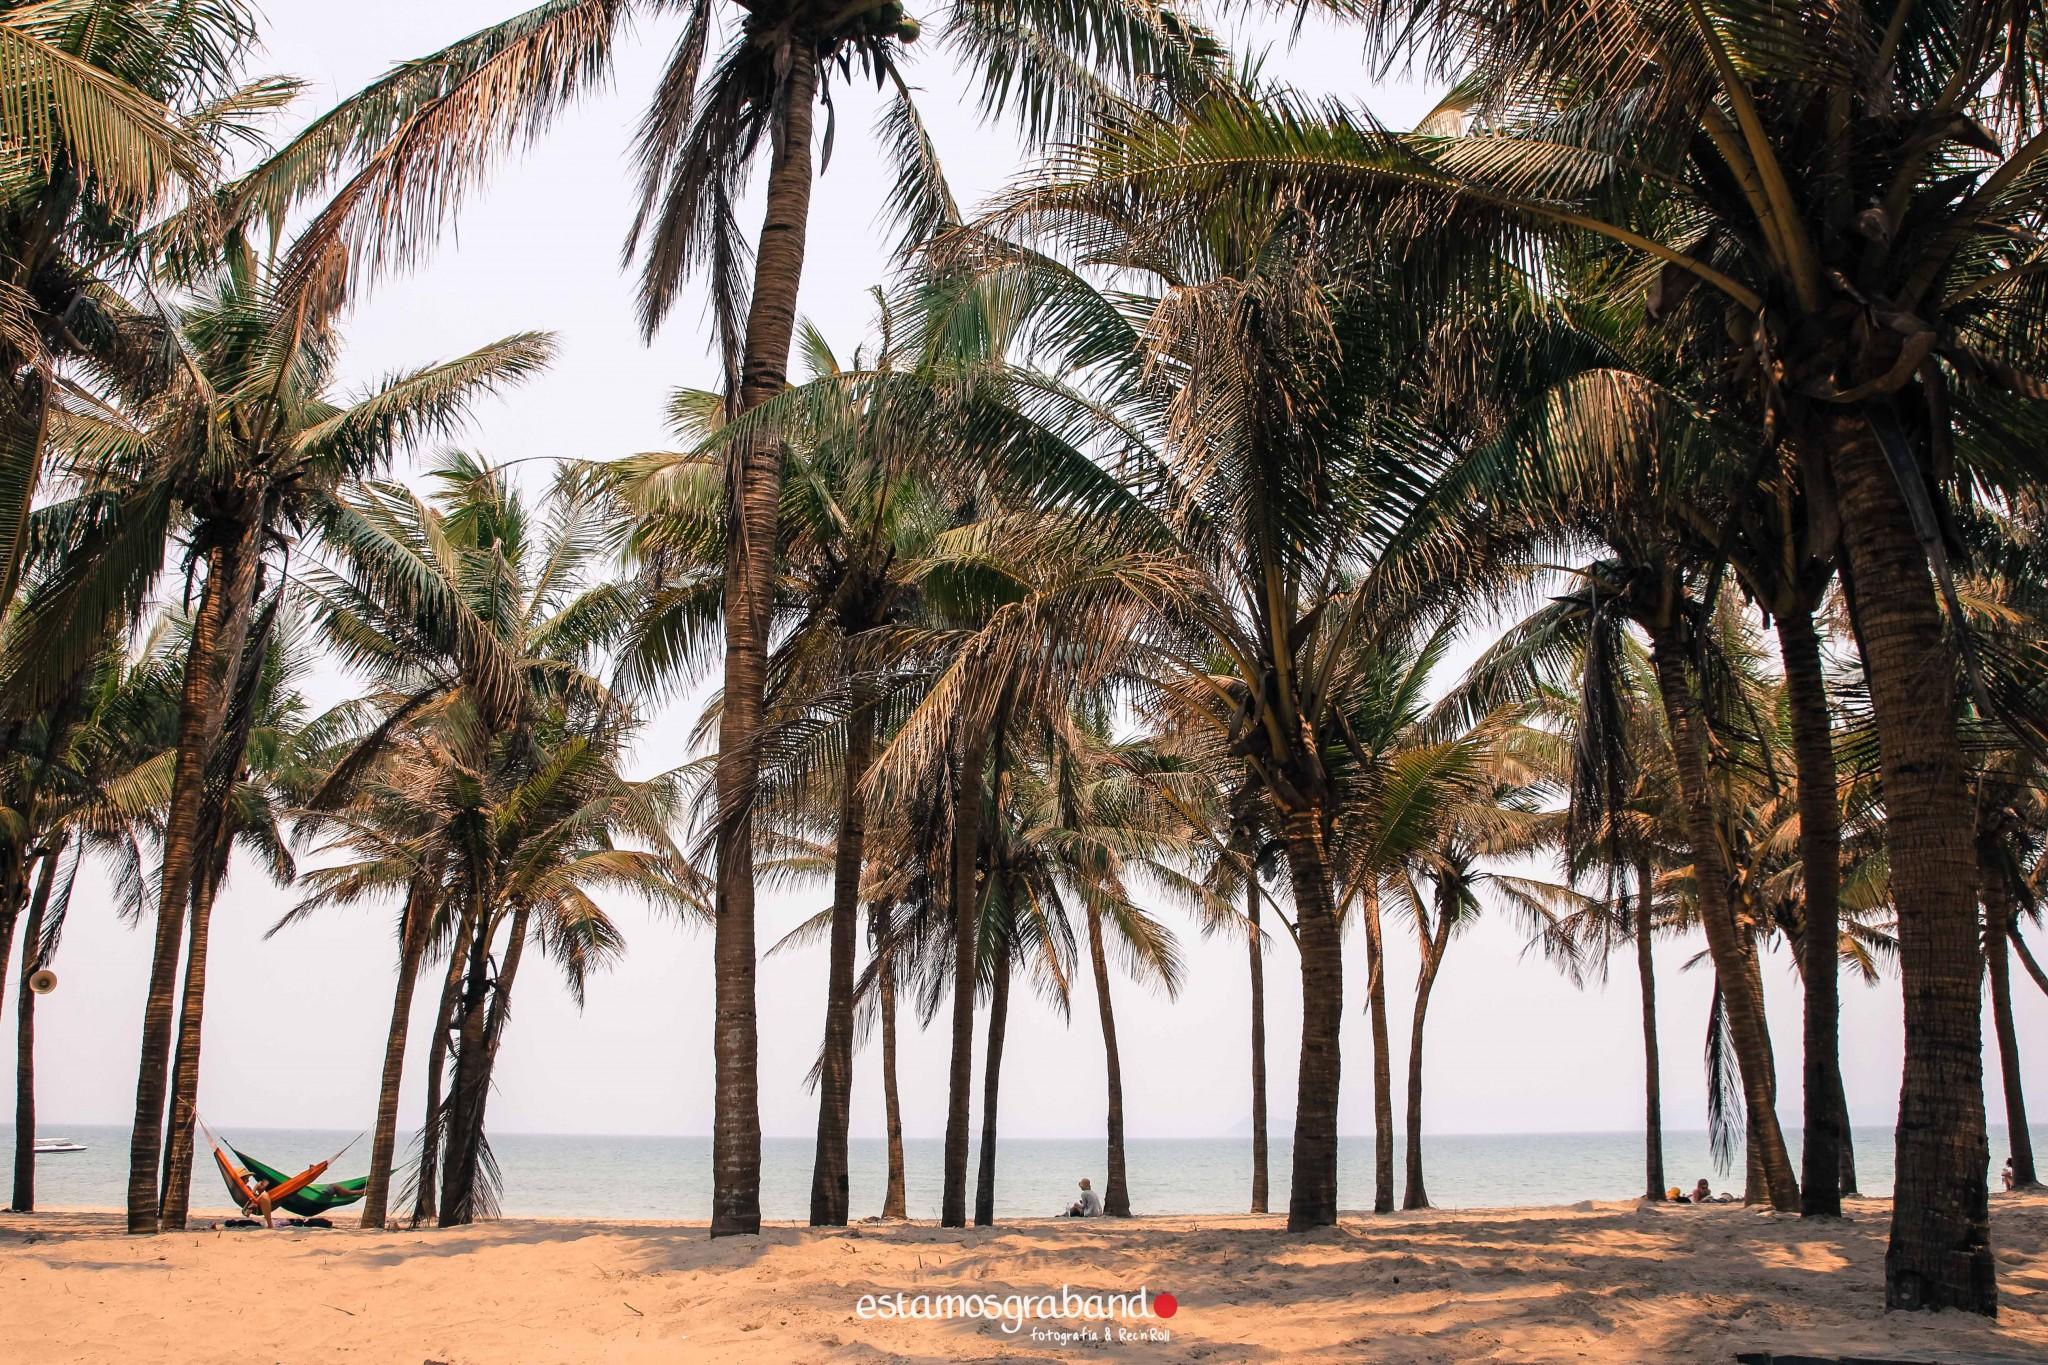 reportaje-vietnam_fotograficc81a-vietnam_estamosgrabando-vietnam_rutasvietnam_reportaje-retratos-fotos-vietnam_fotografia-vietnam_reportaje-estamosgrabando-fotograficc81a-vietnam-88 Pequeños grandes recuerdos de Vietnam en 100 imágenes - video boda cadiz